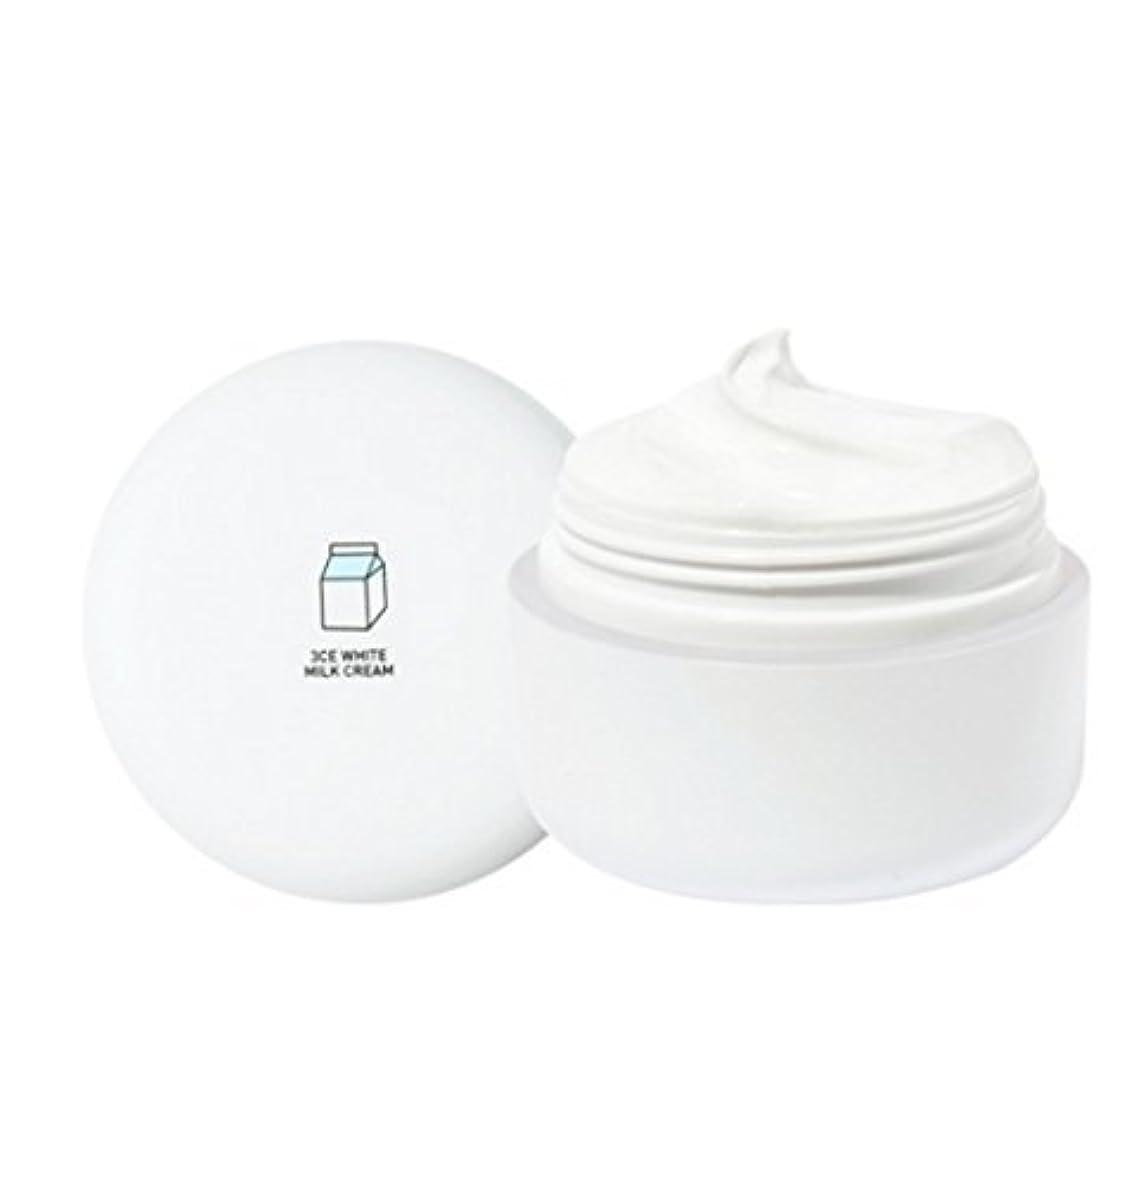 非効率的な焼くサドルスリーコンセプトアイズ ホワイトミルククリーム ウユクリーム 50ml[392199][並行輸入品]